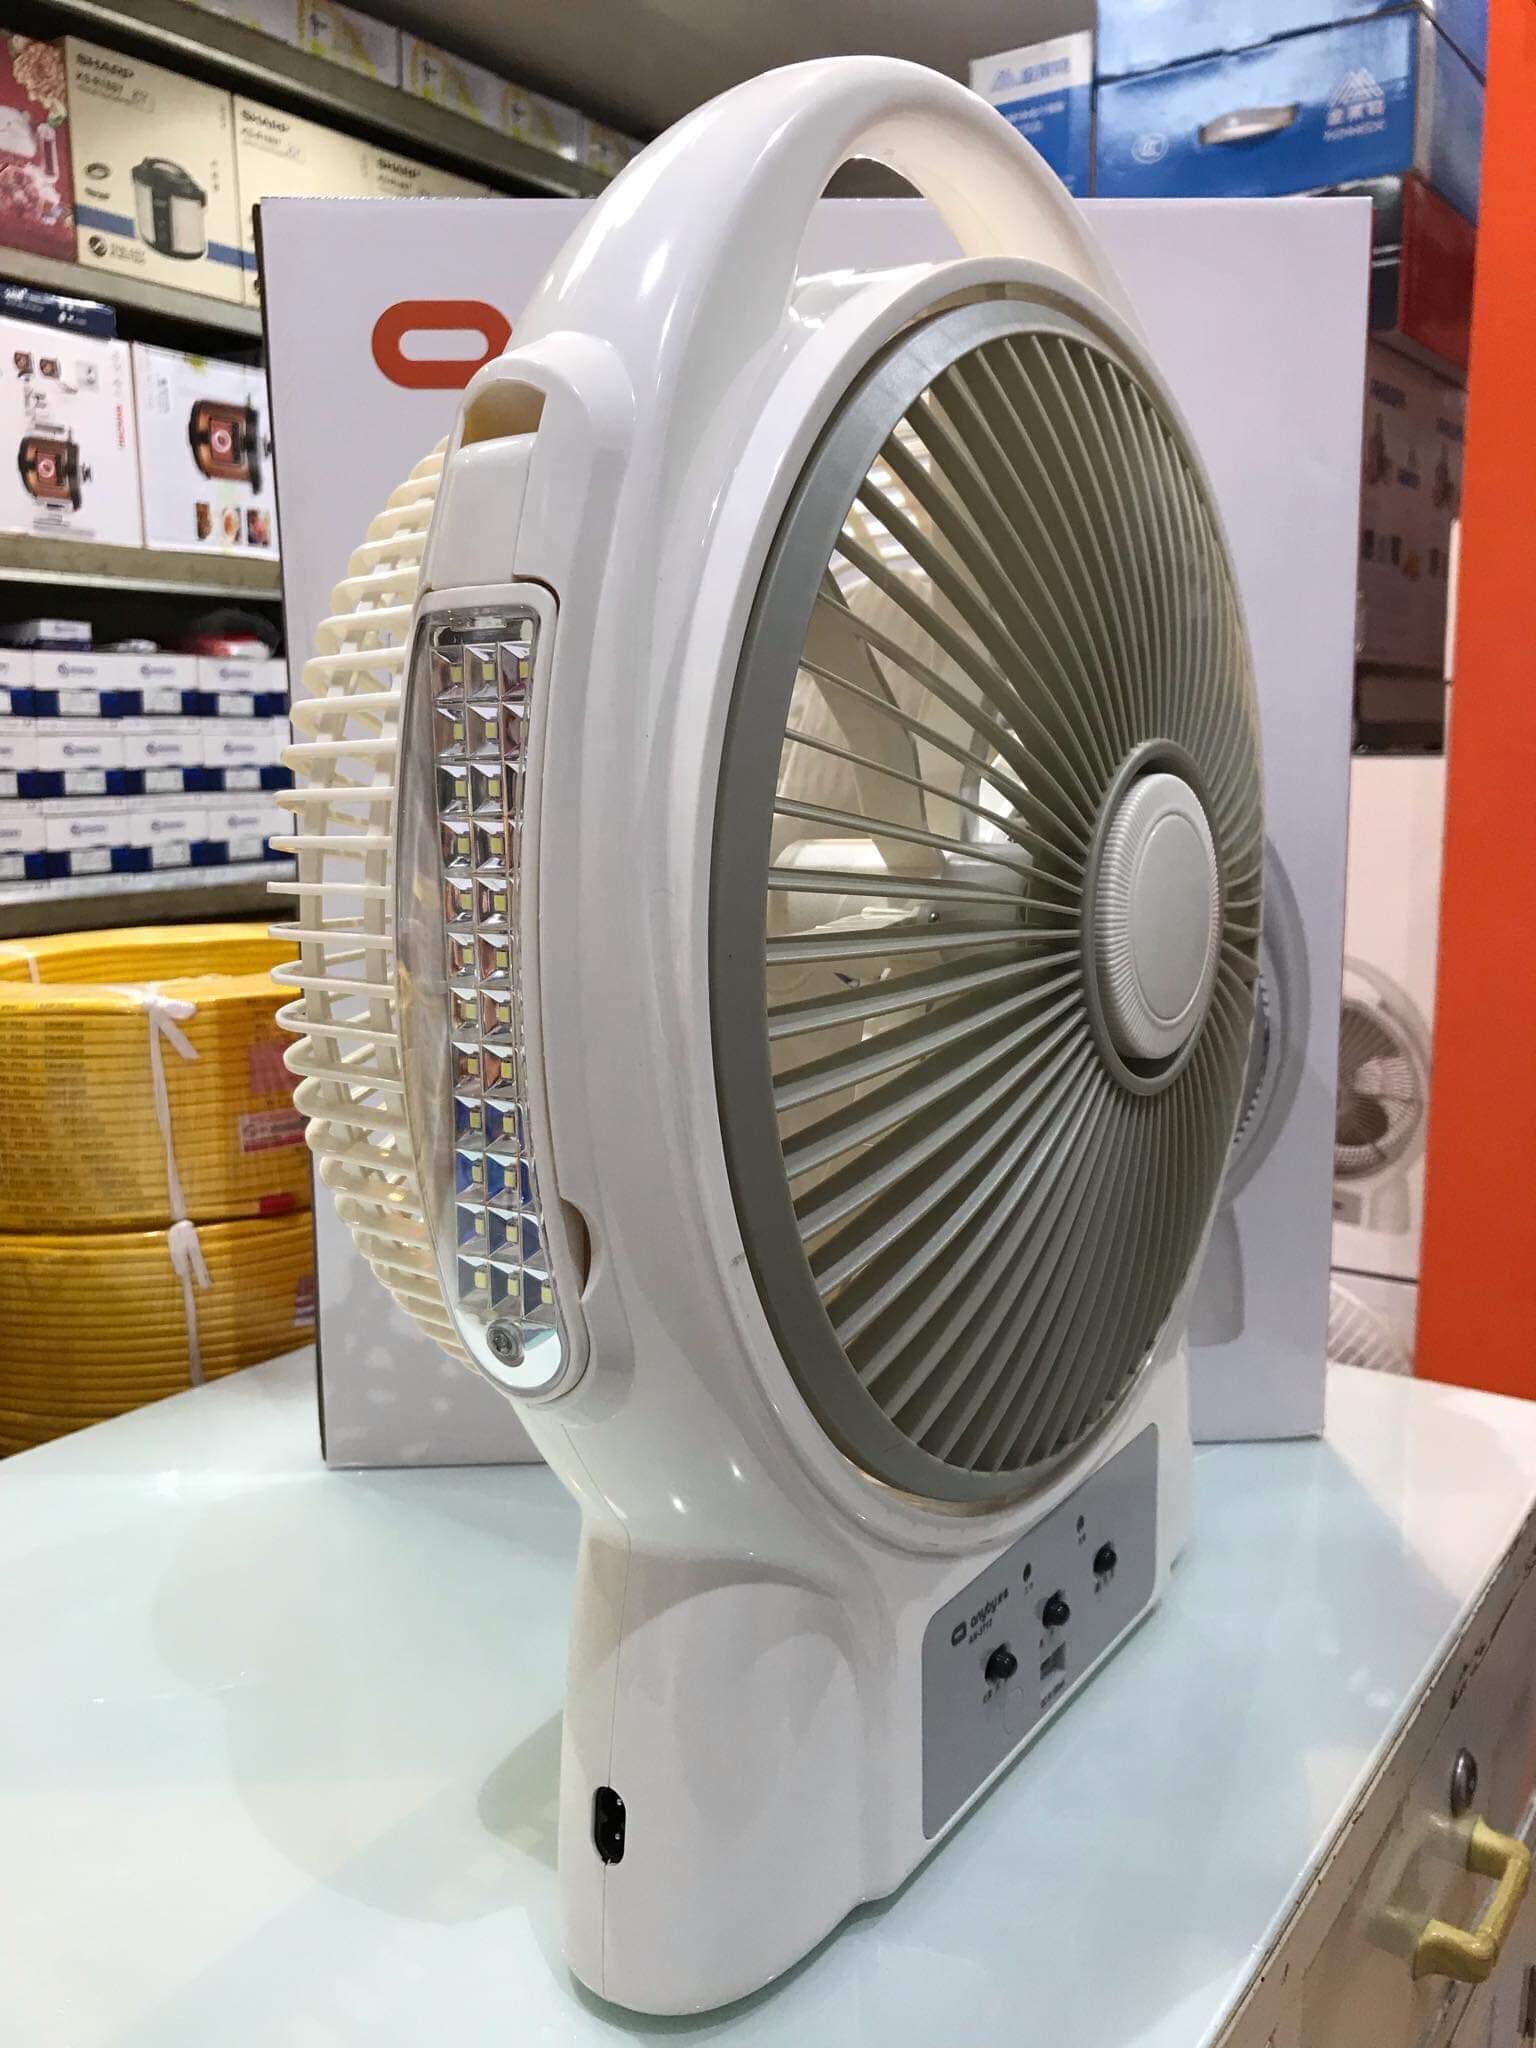 Quạt tích điện Anyby 3712 thiết kế cửa lùa tản gió rộng